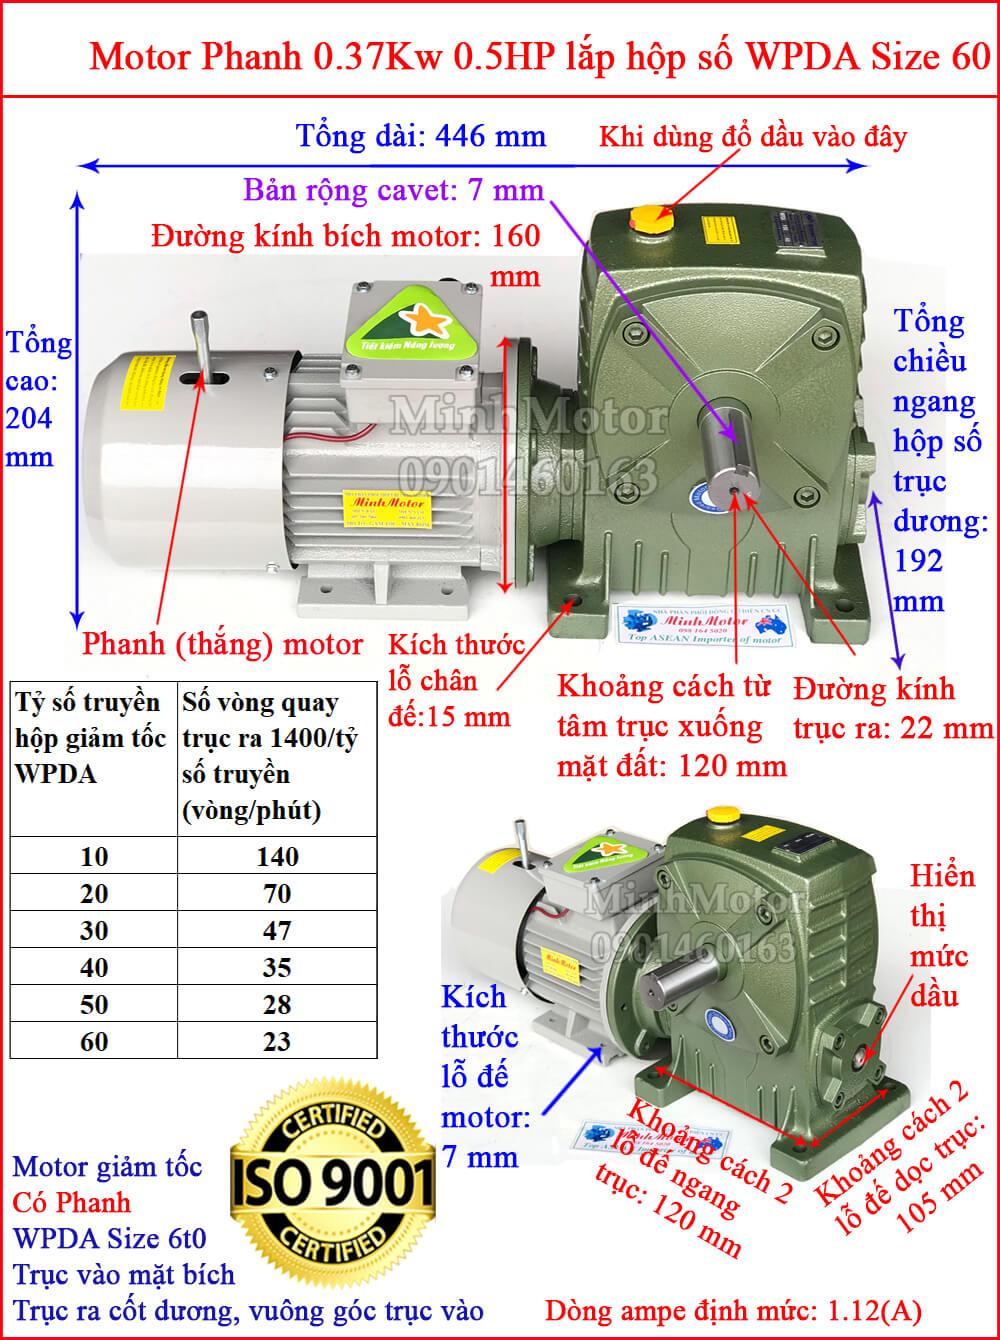 motor phanh 0.37kw 0.5hp liền hộp giảm tốc trục vít wpda size 60